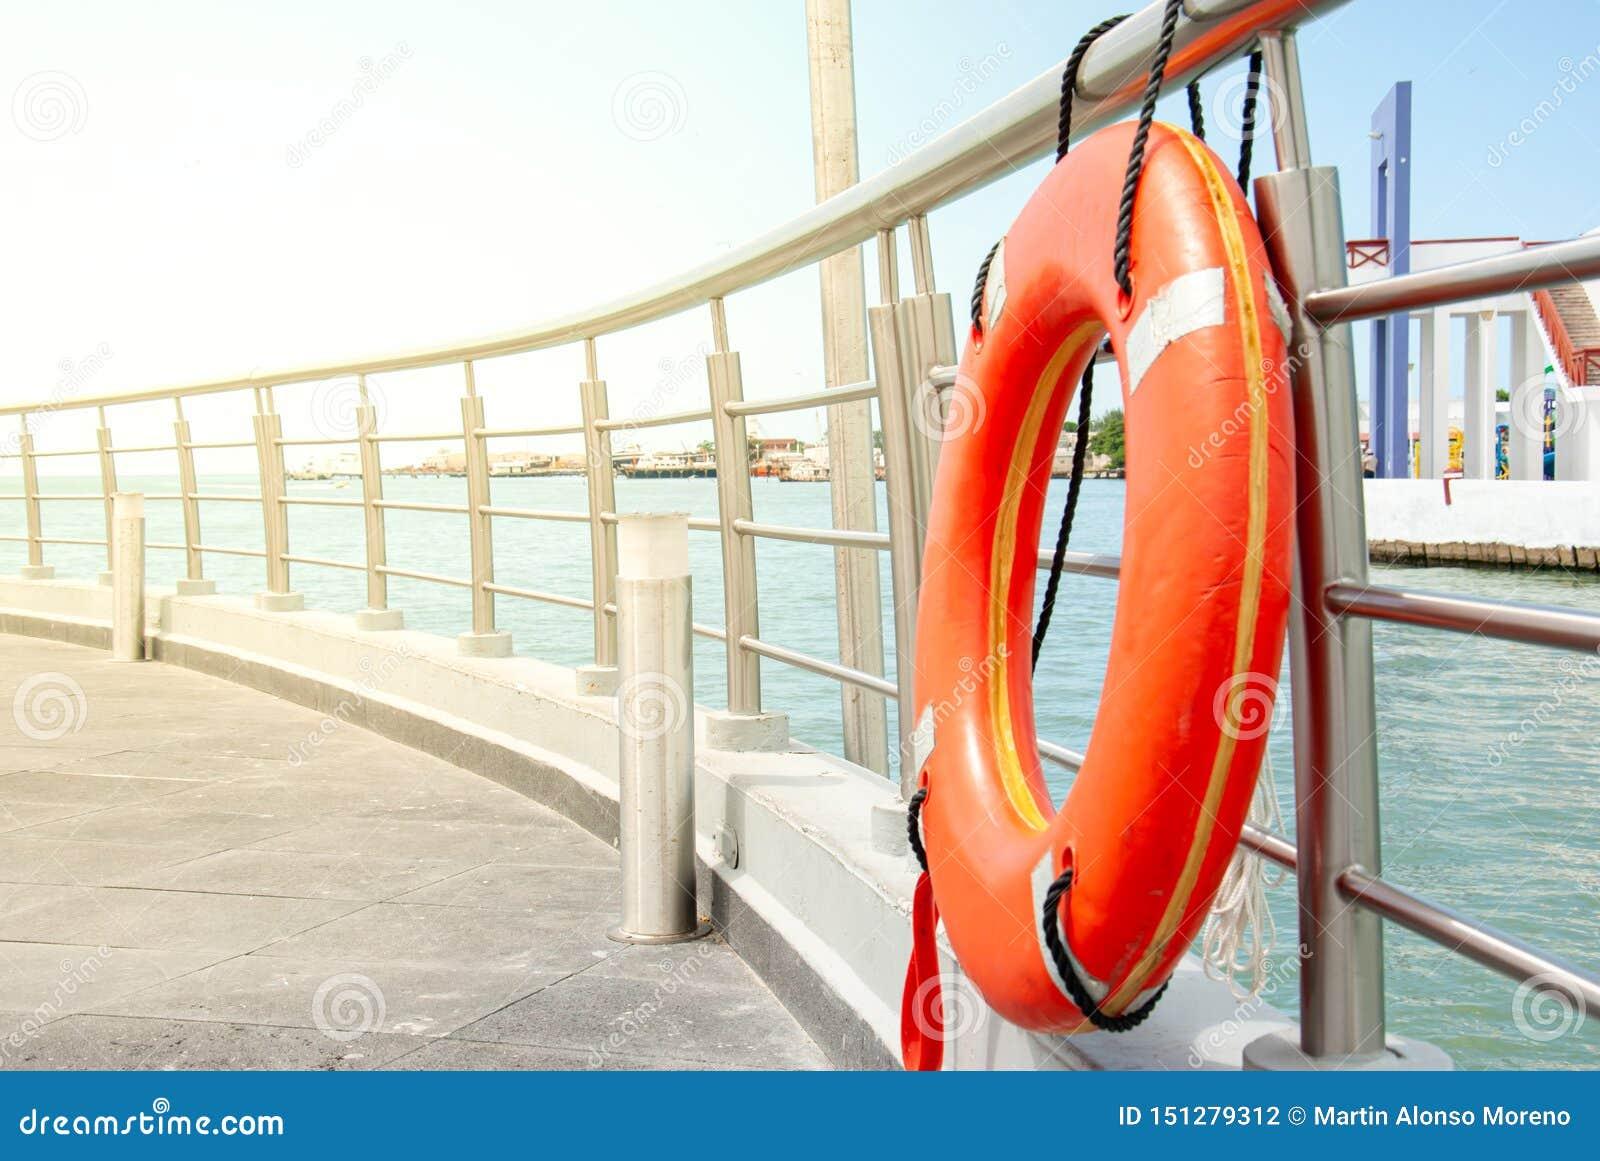 Bouée de sauvetage orange amarrée à la balustrade du dock